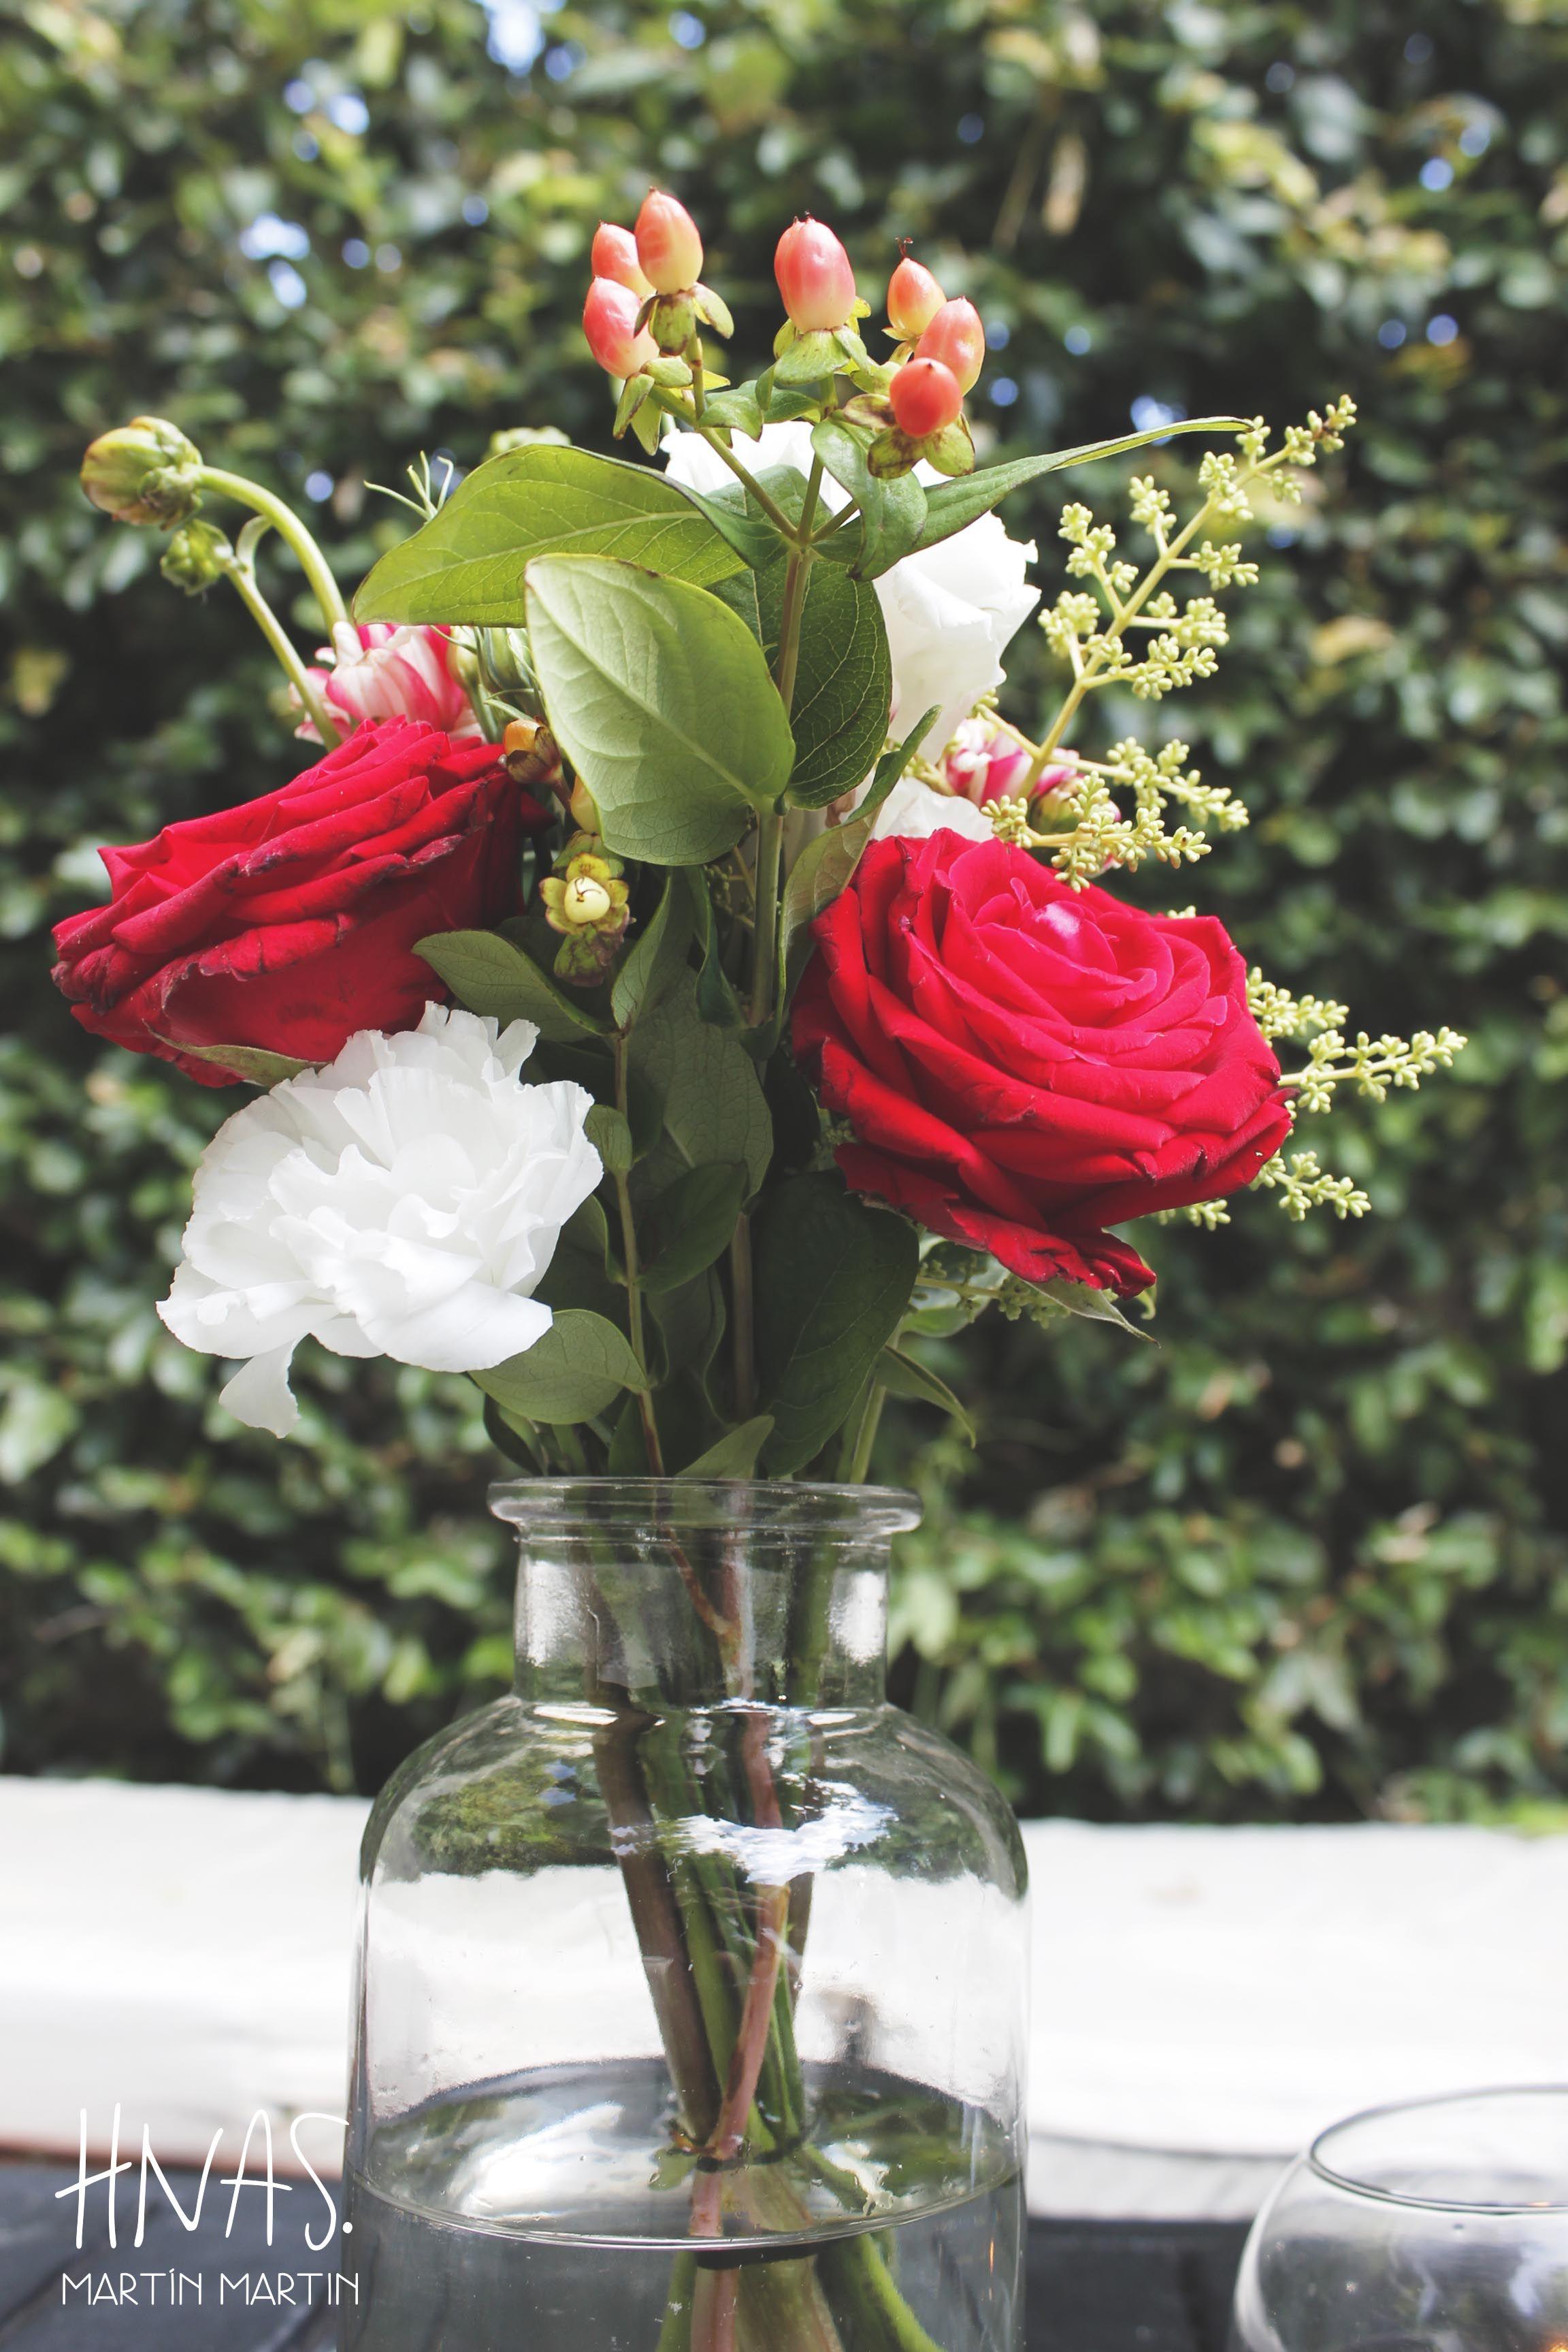 Ambientacion, Boda, casamiento, decoración,  rosas rojas,  Wedding, decor,  red roses